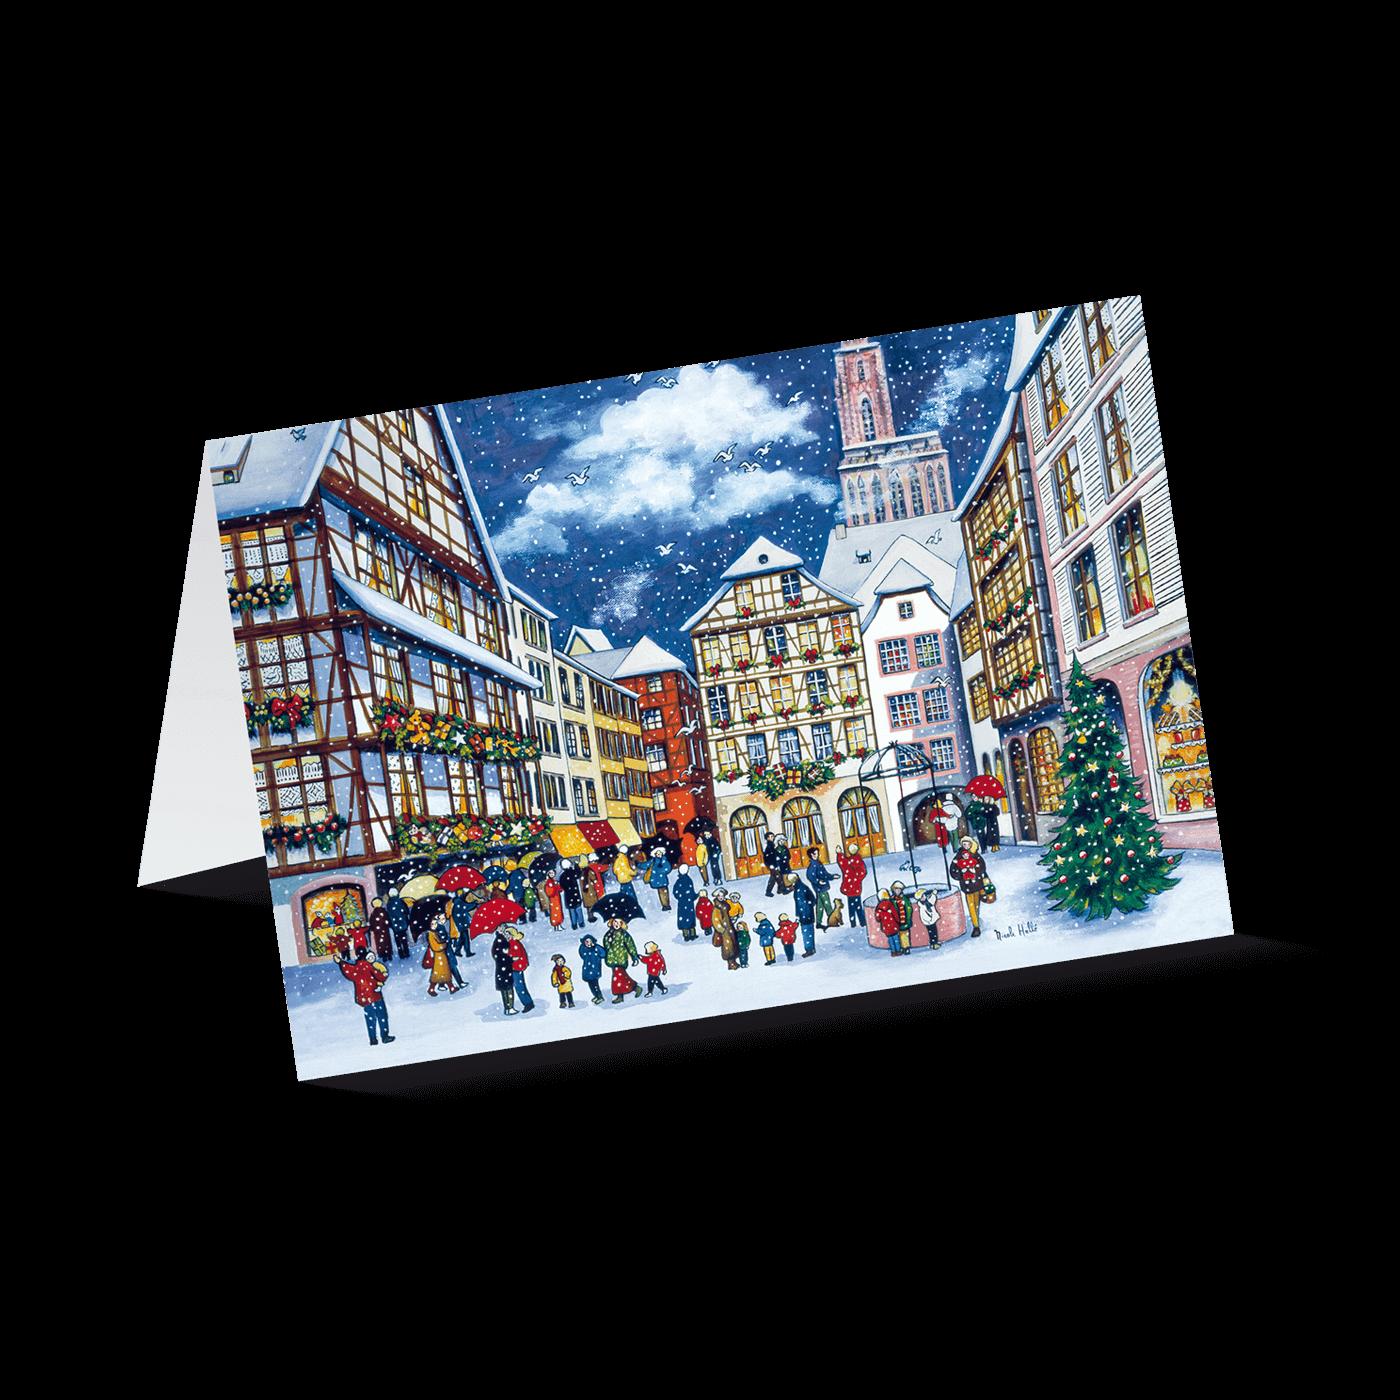 Weihnachten in der Stadt